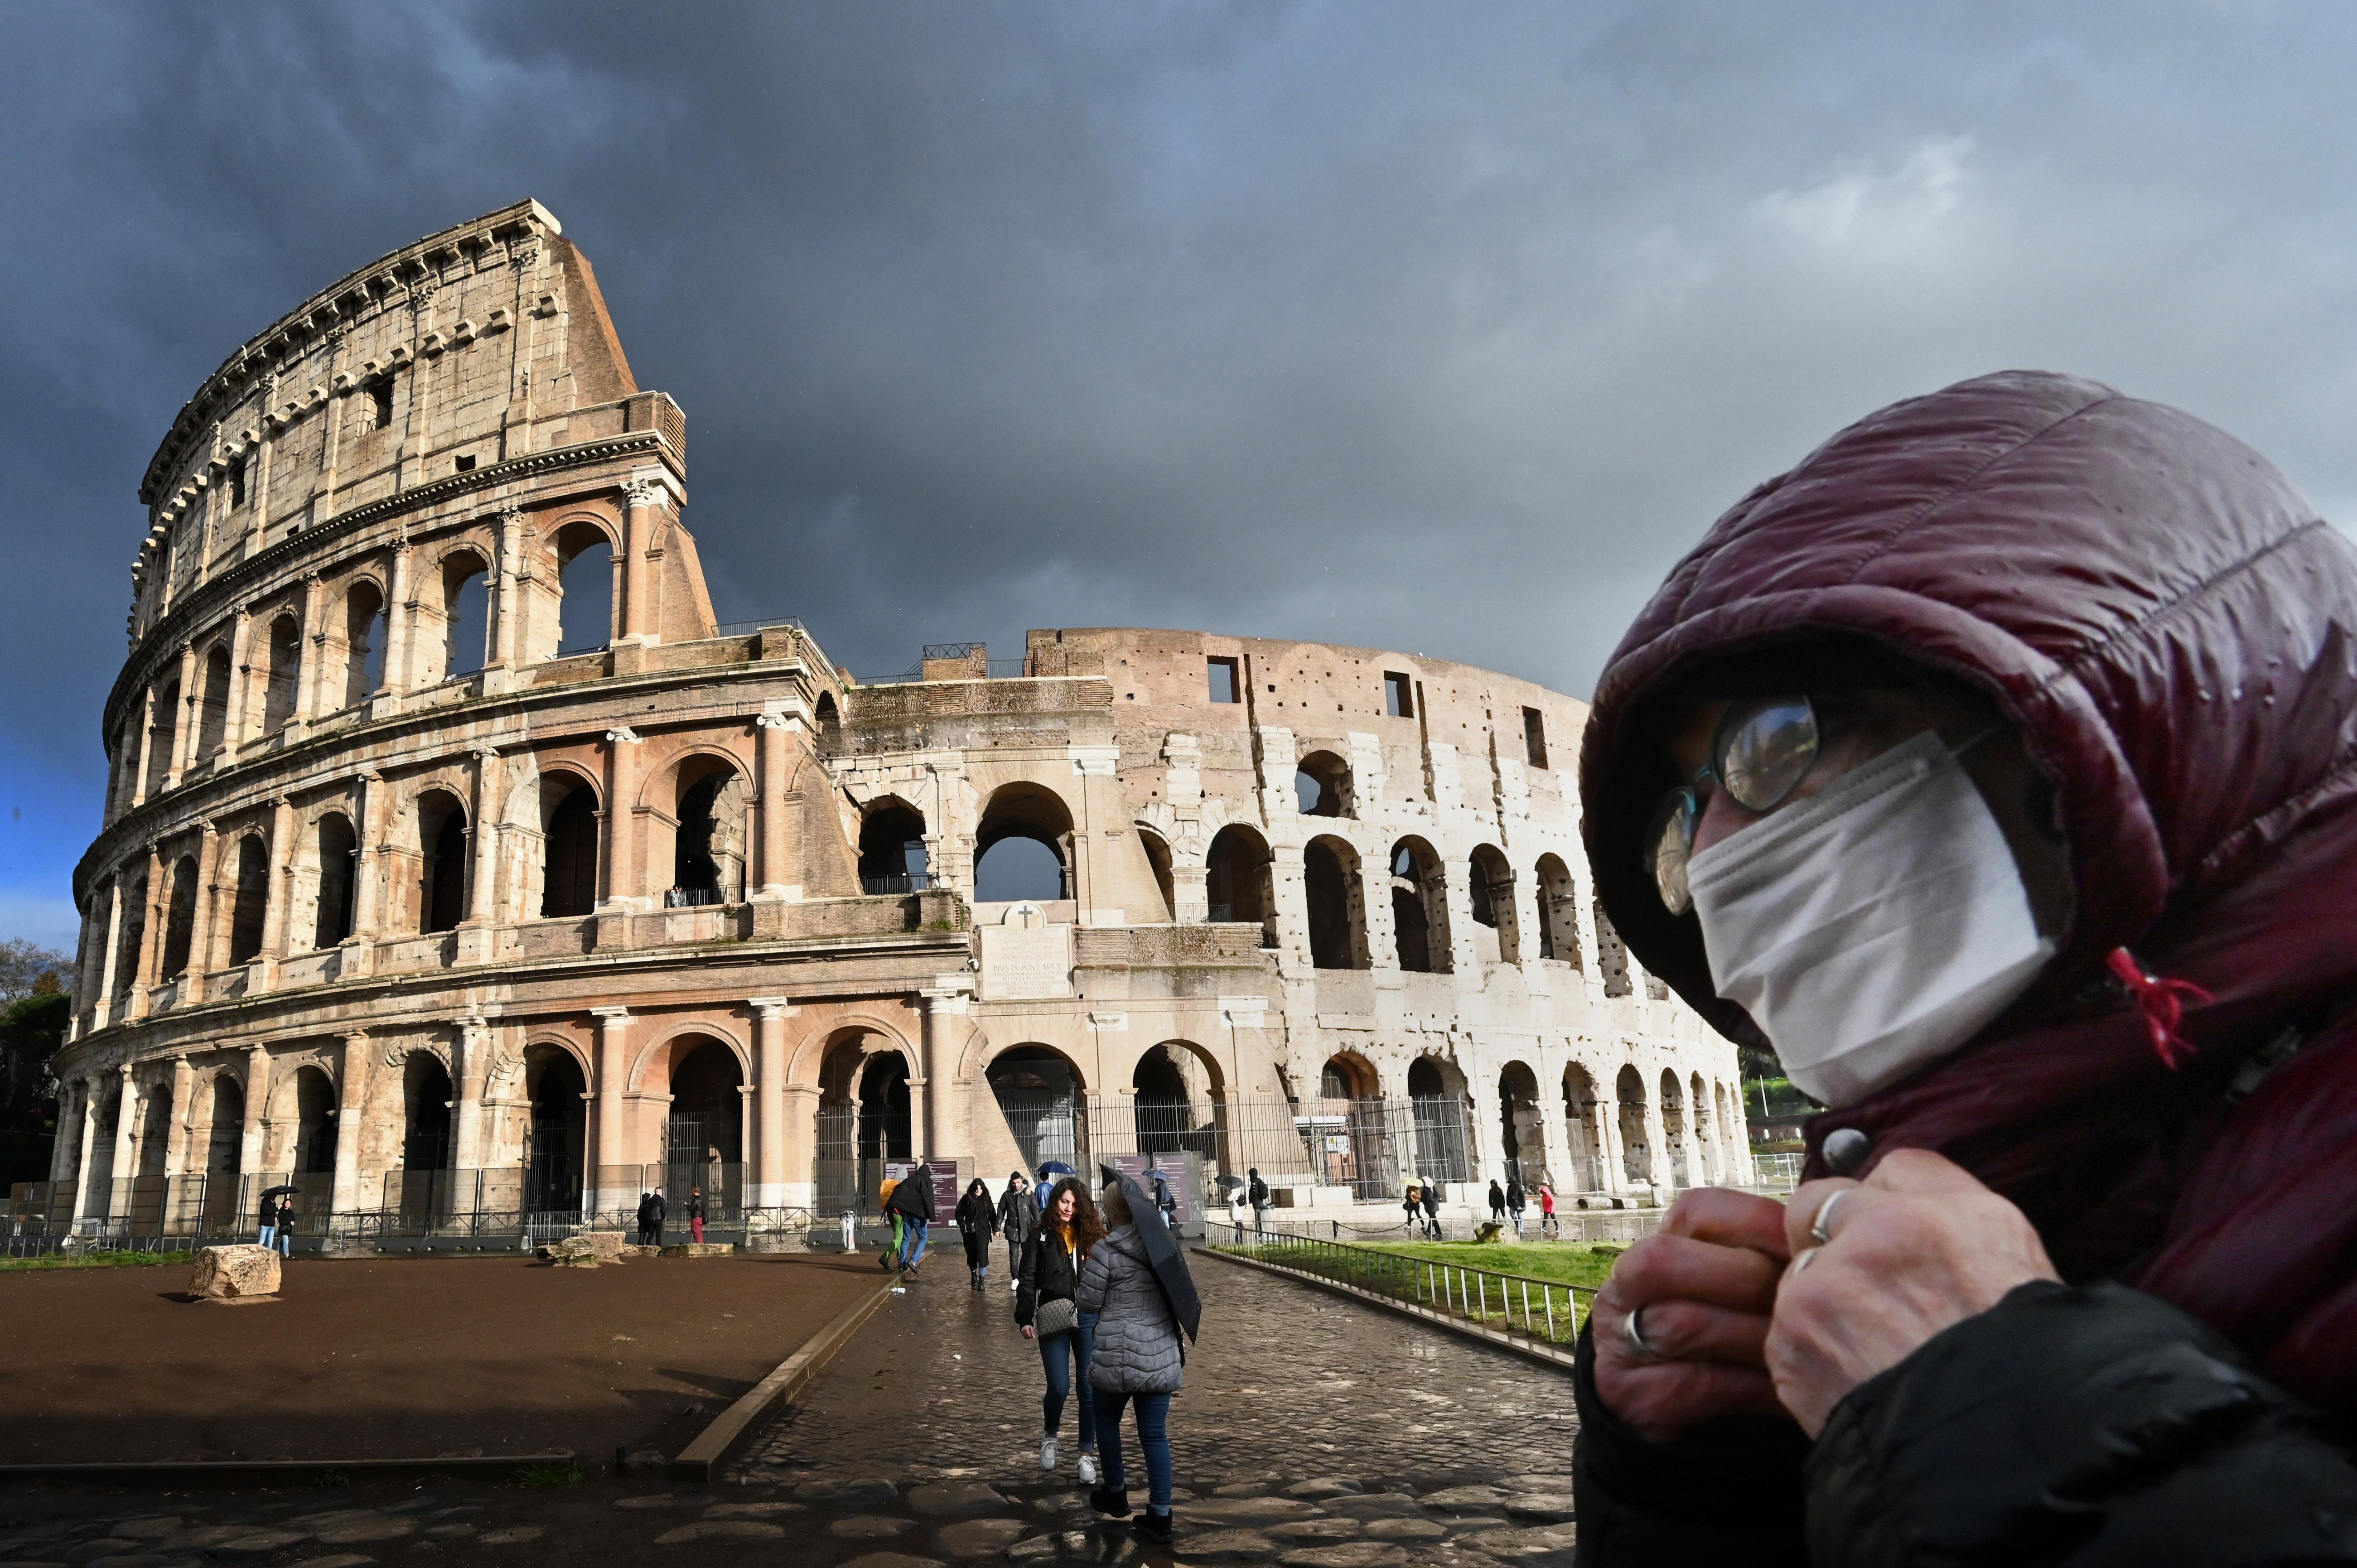 En esta foto de archivo tomada el 7 de marzo de 2020, un hombre con una máscara protectora pasa por el Coliseo en Roma en medio del temor a la epidemia de Covid-19.